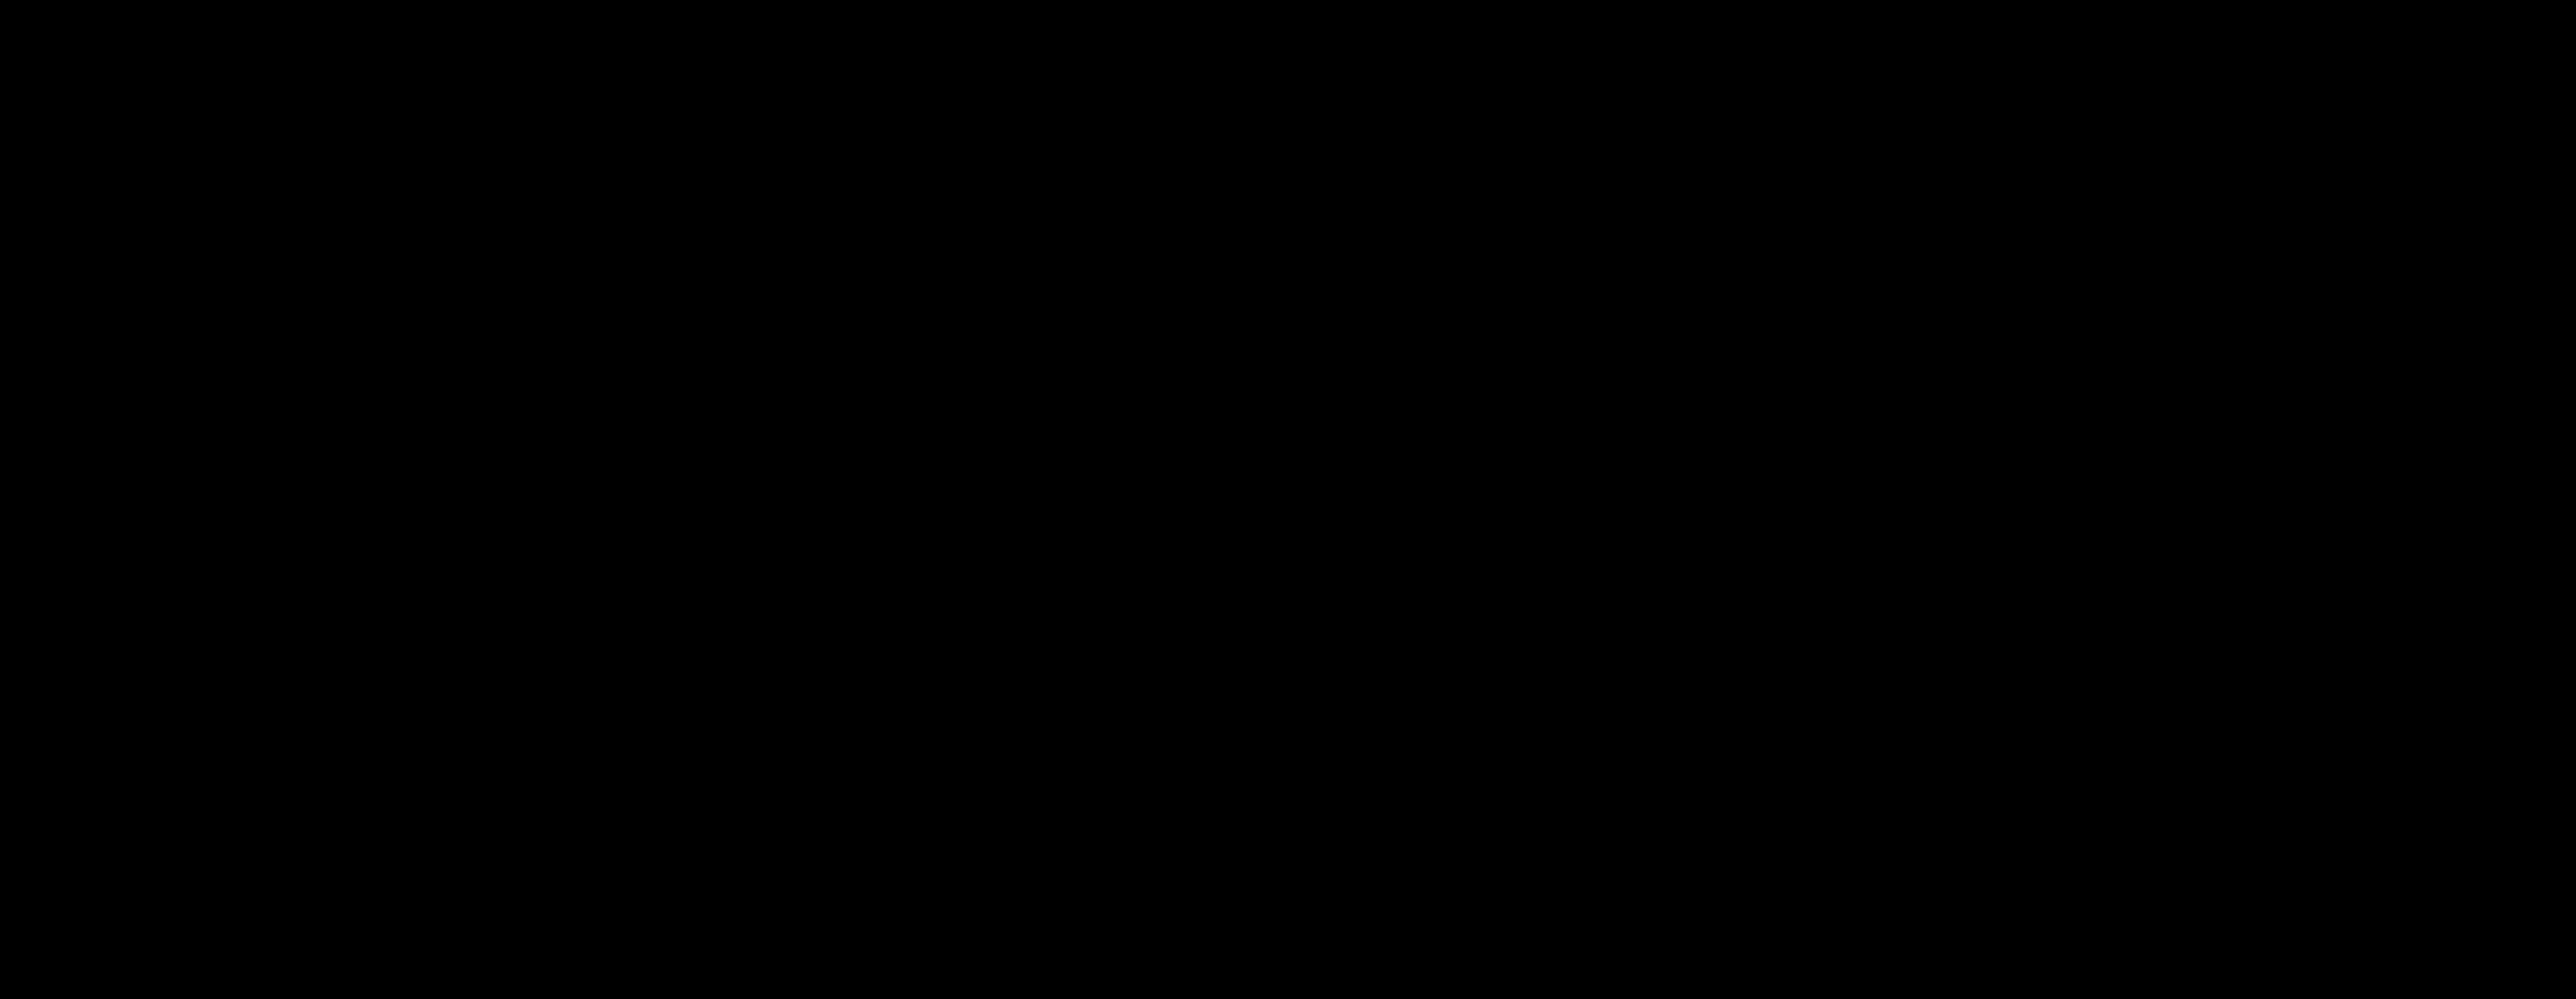 JedJazz